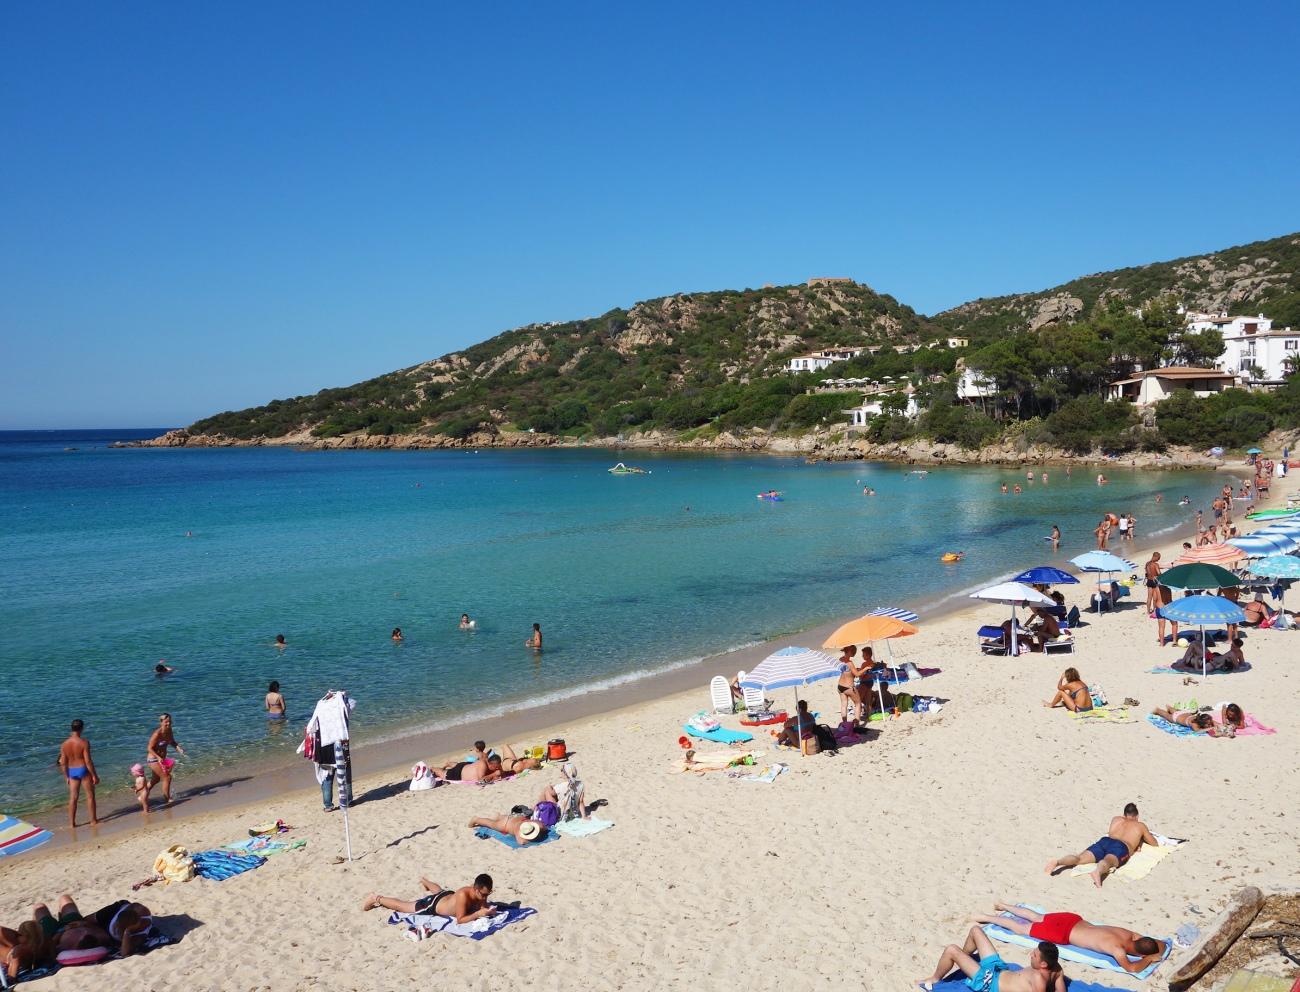 Baja Sardinia, Costa Smeralda, Sardinia